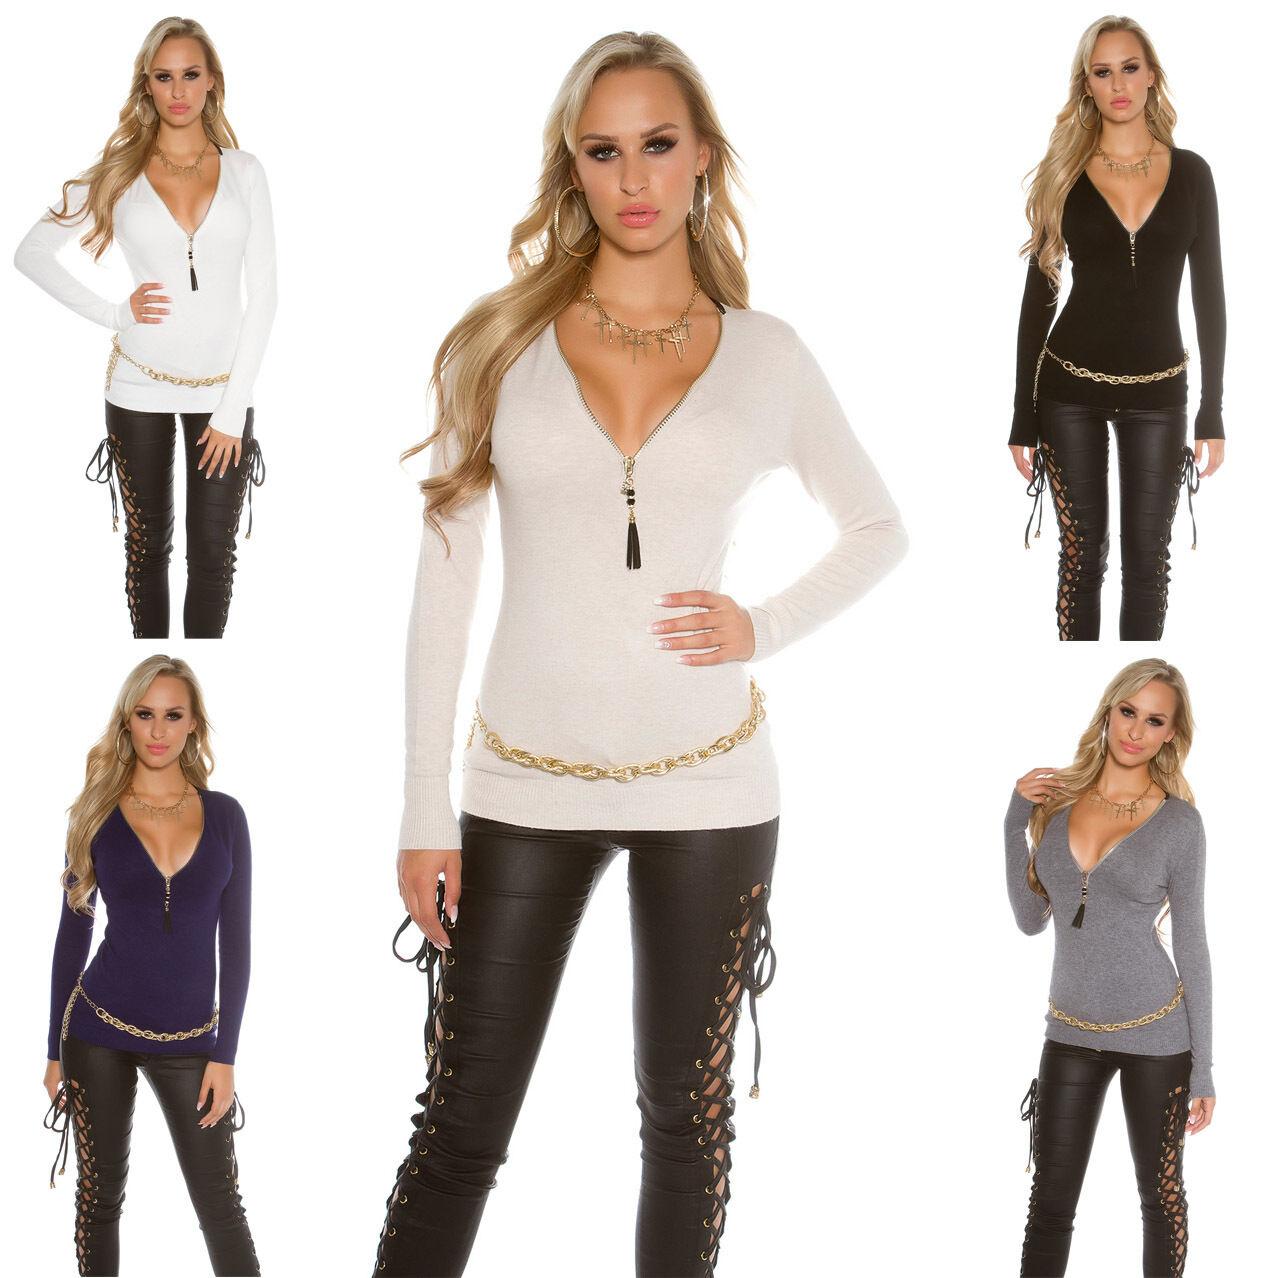 Damen Pullover Pulli Sweater Reißverschluss Strass warm weich Sweatshirt S 34 36